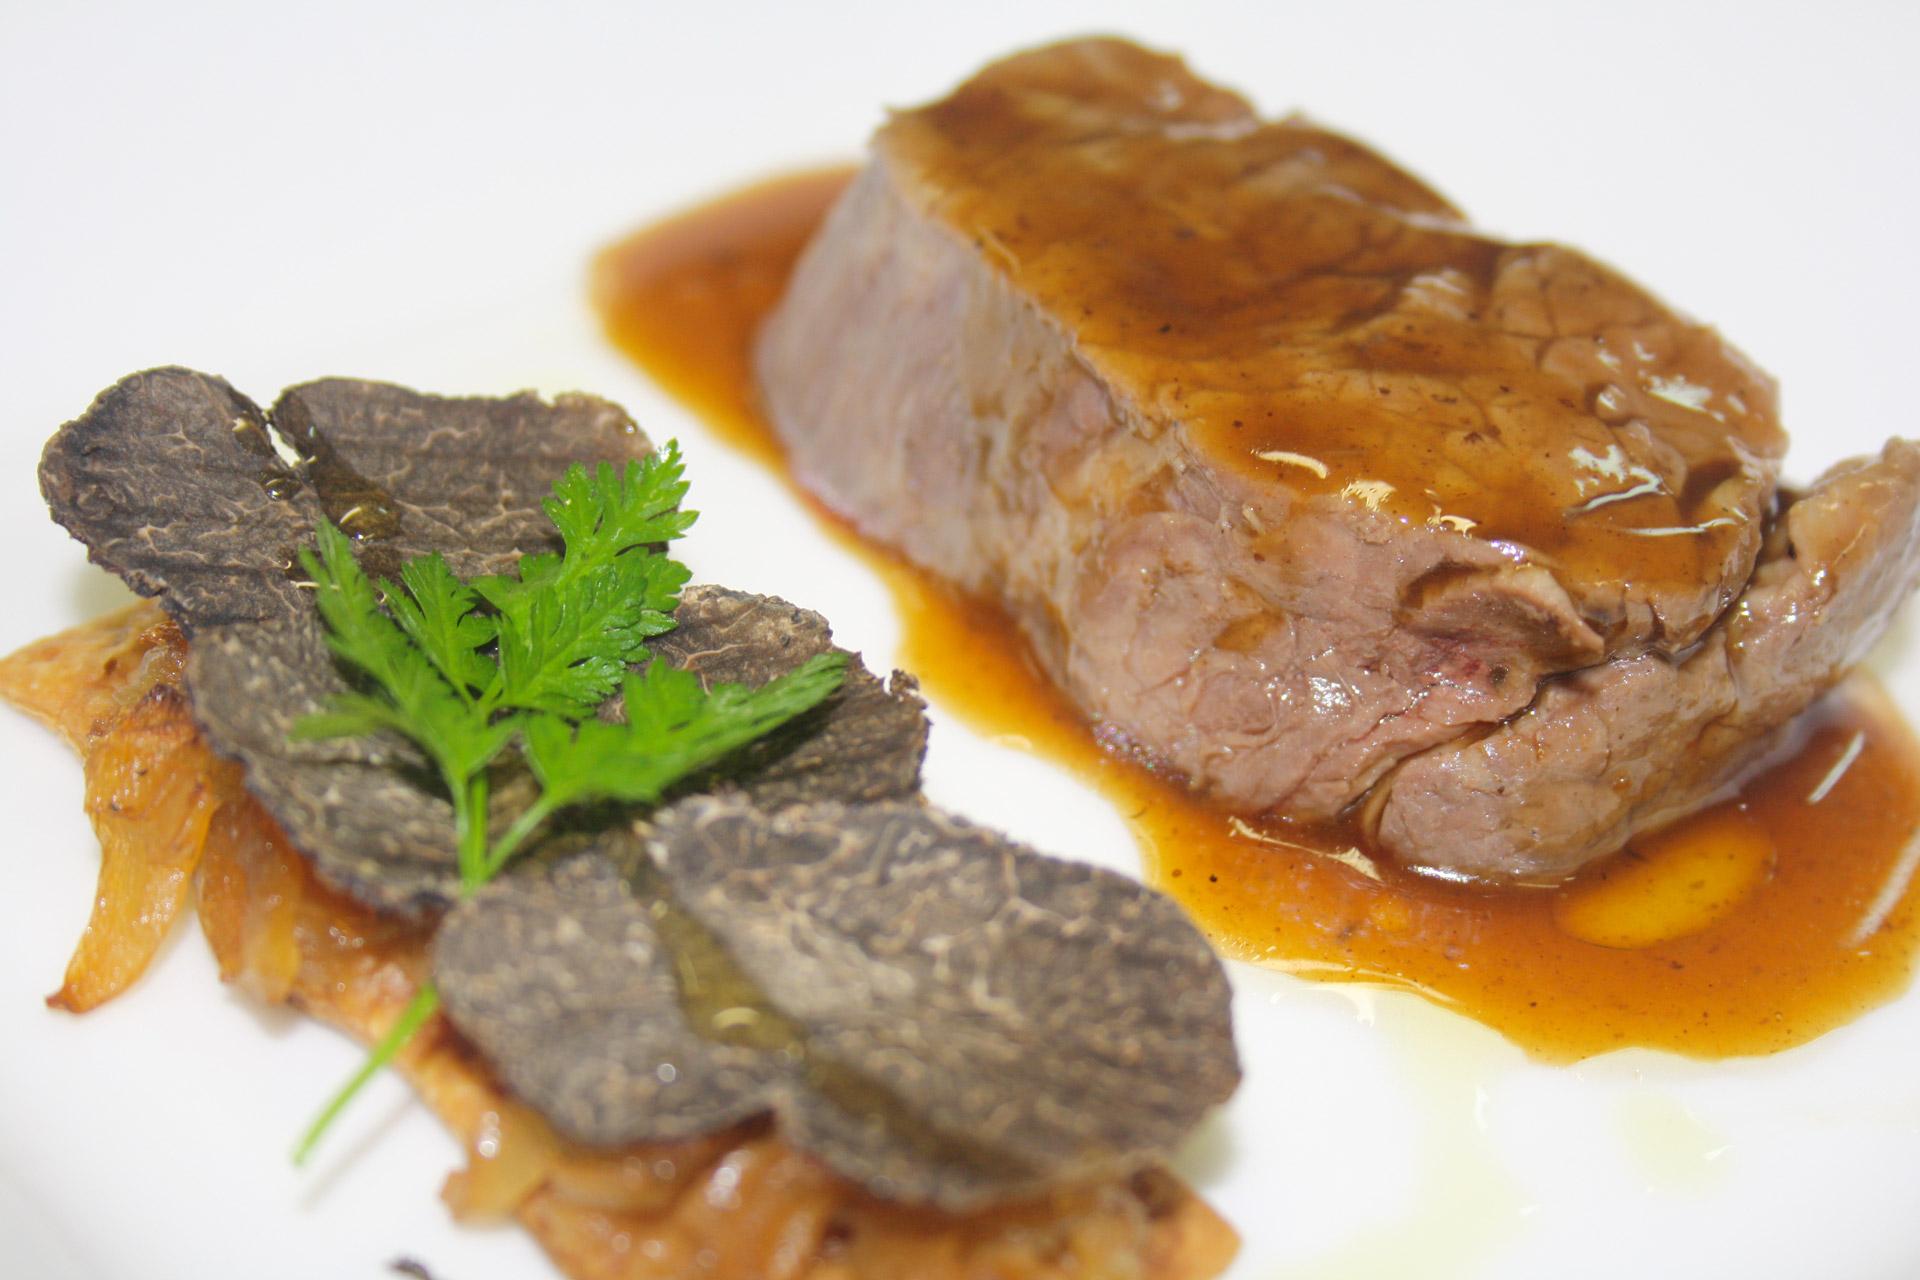 filet de boeuf basse temperature, et tartine d'oignons confits et truffe d'été - L'antre Gourmand